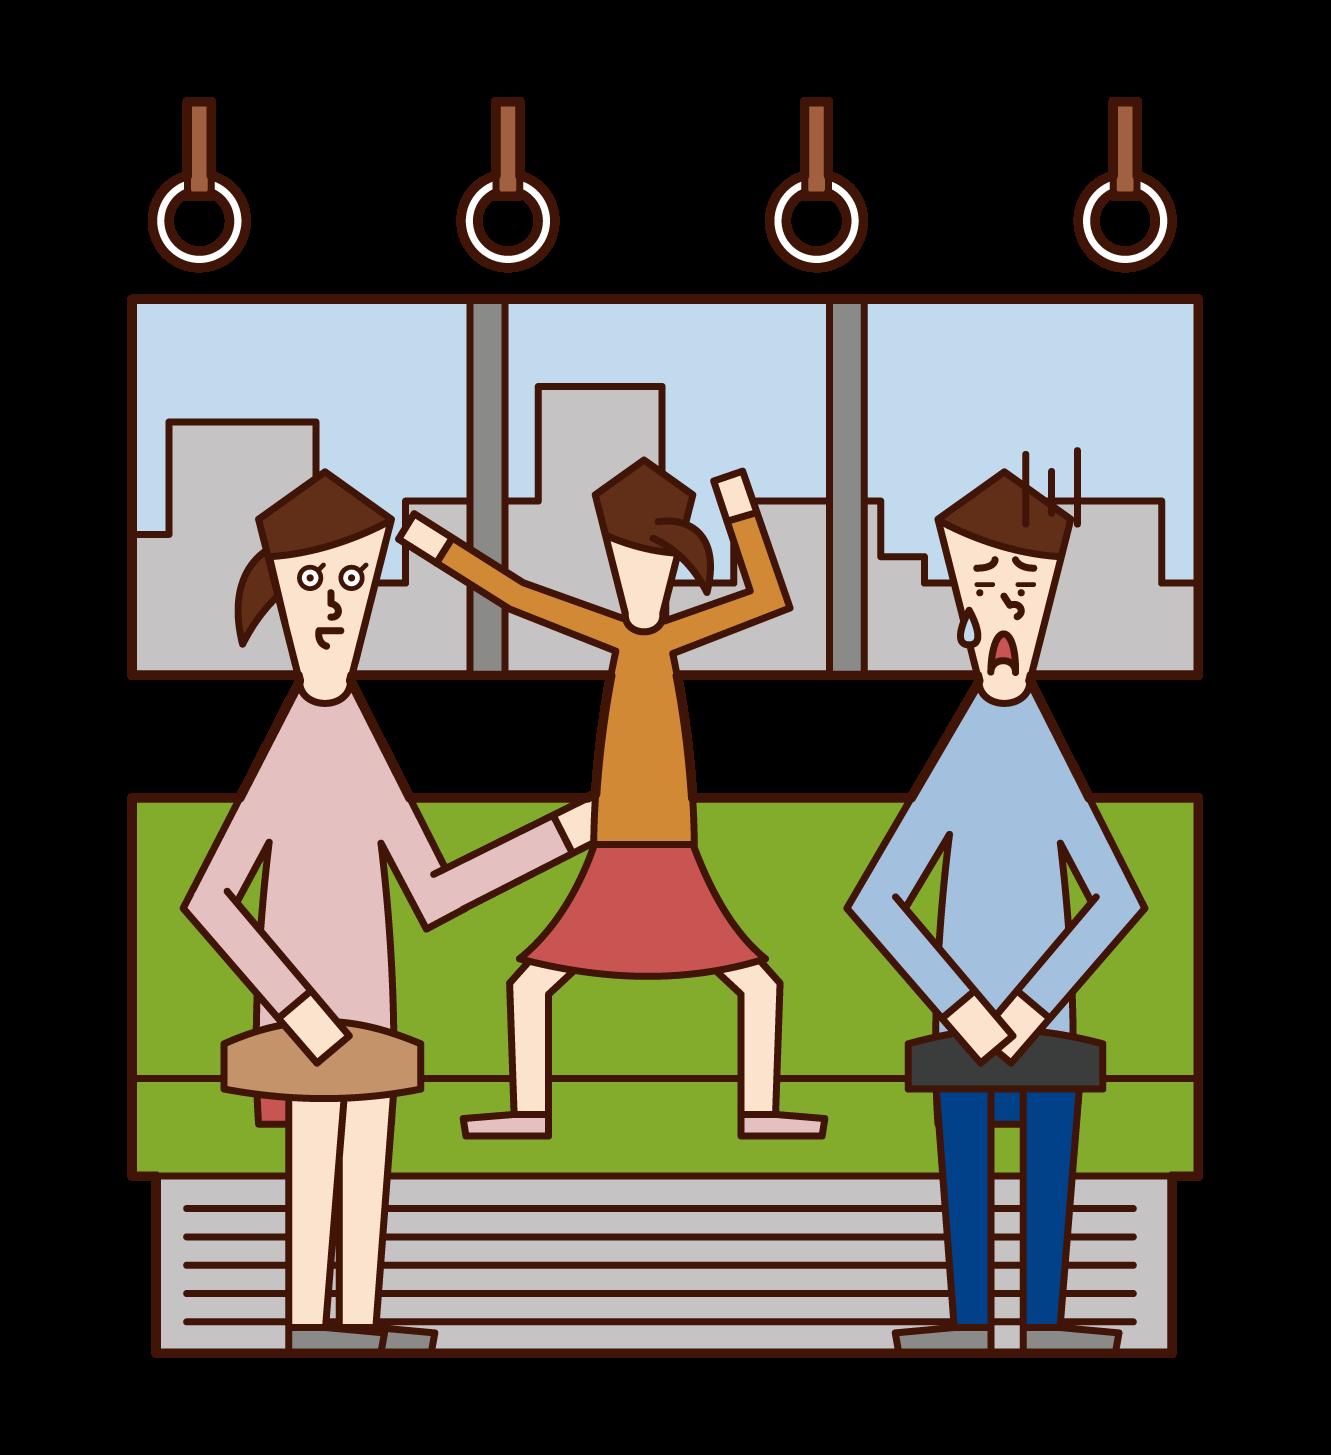 在火車上玩耍的兒童(女孩)插圖